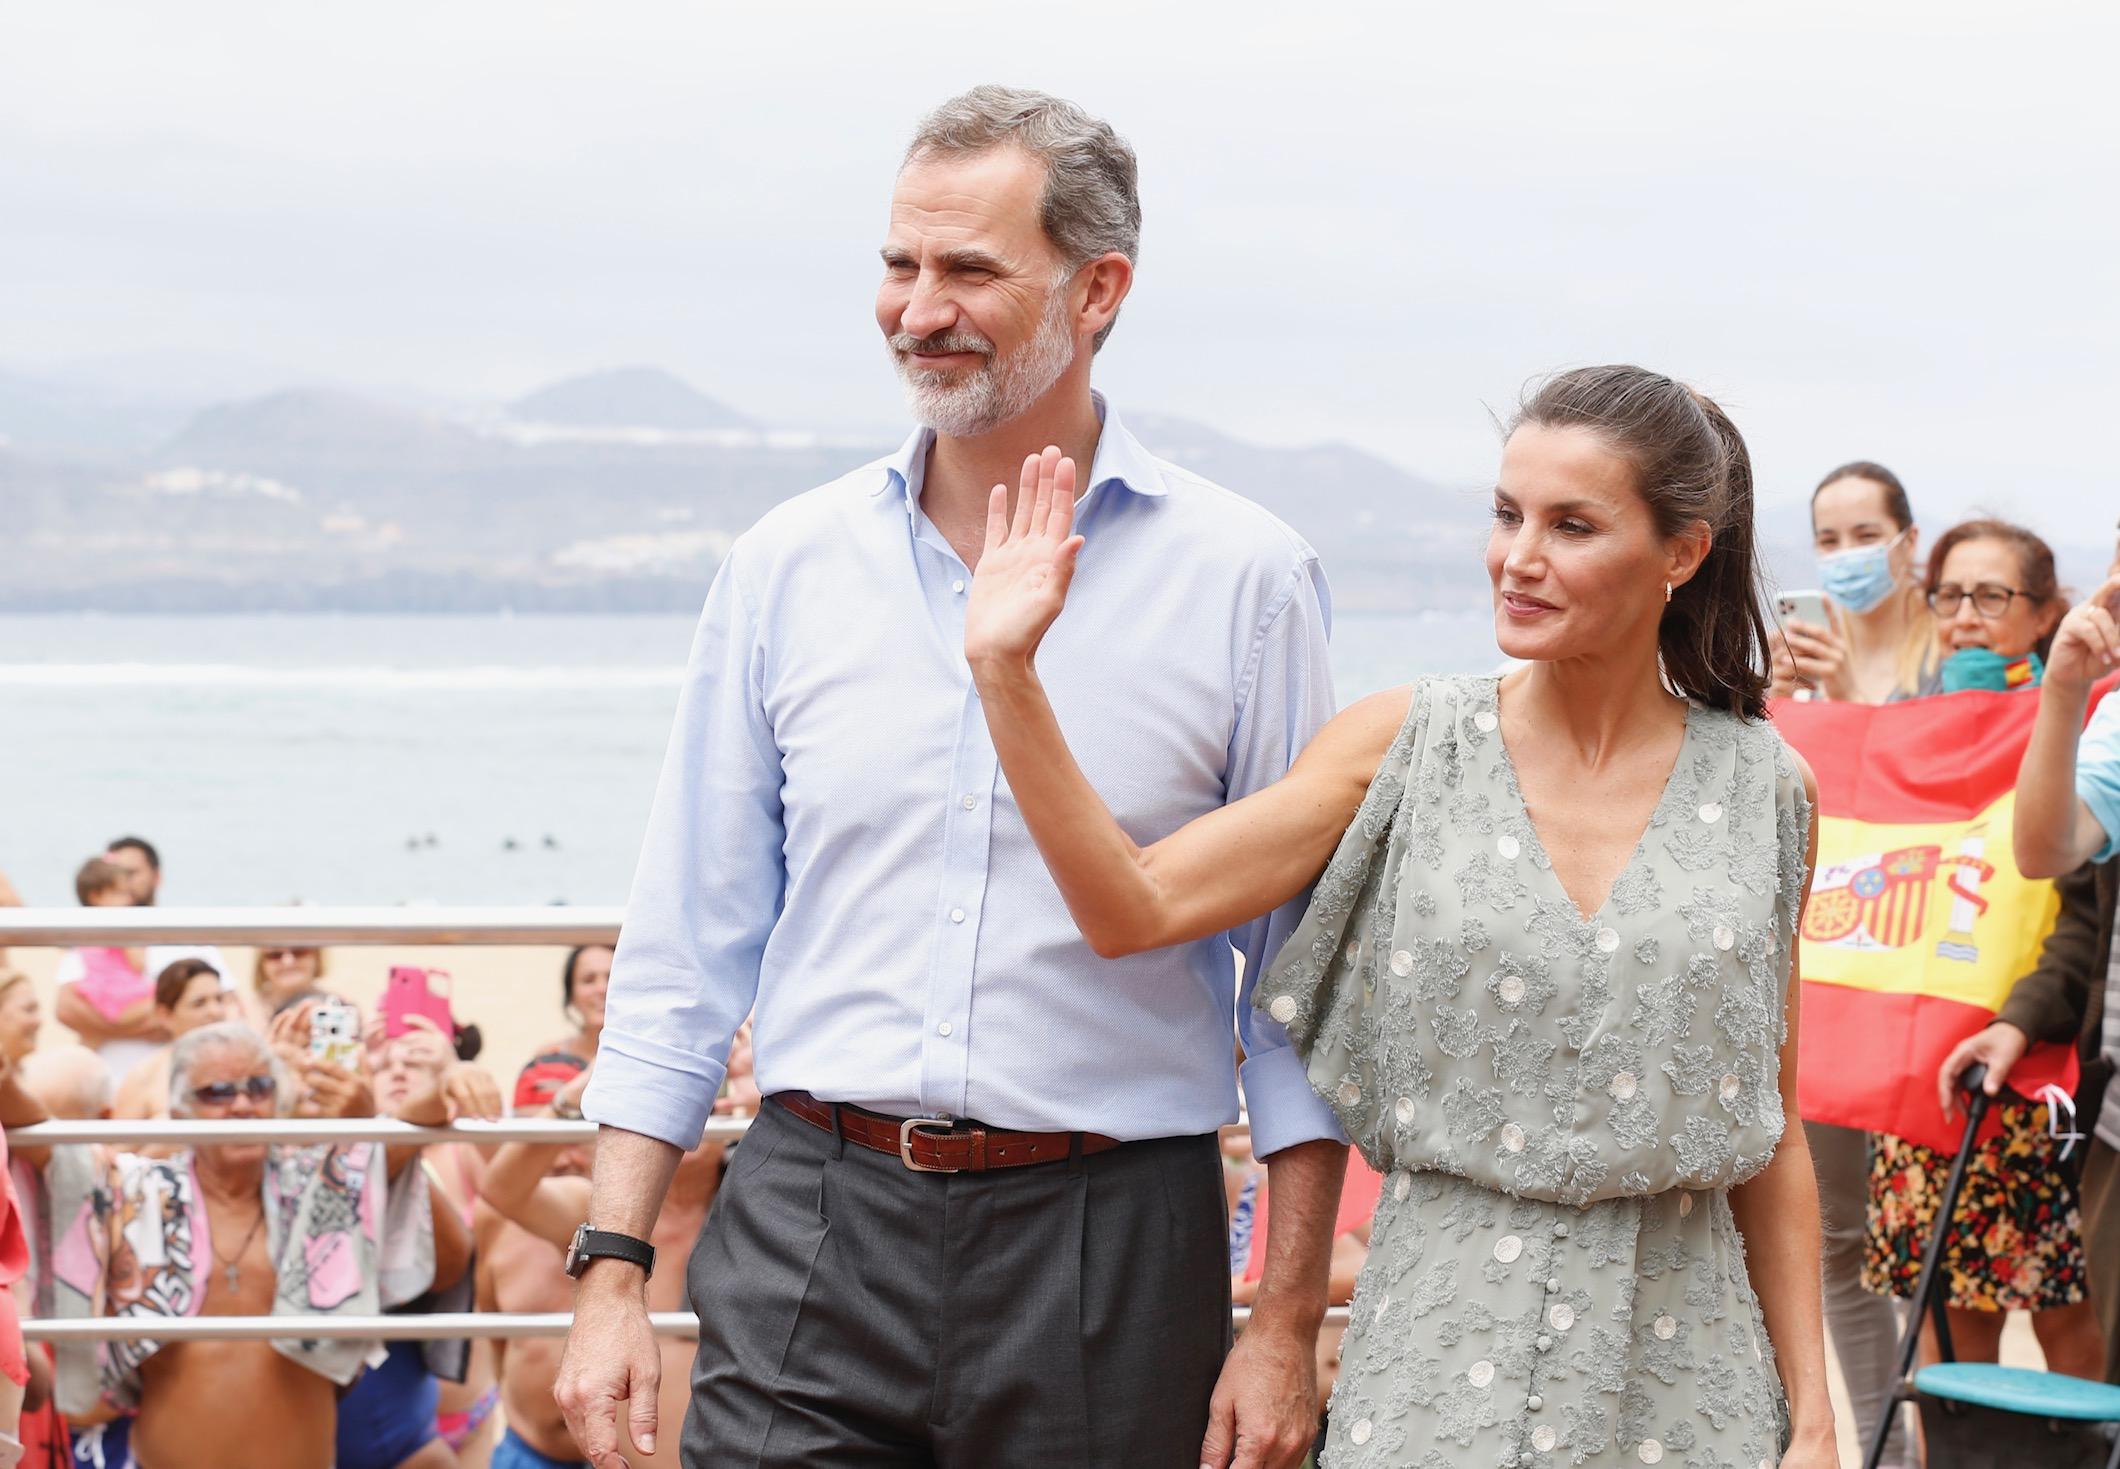 De Zara y agotado, así es el vestido que la reina Letizia ha estrenado en su viaje por Canarias